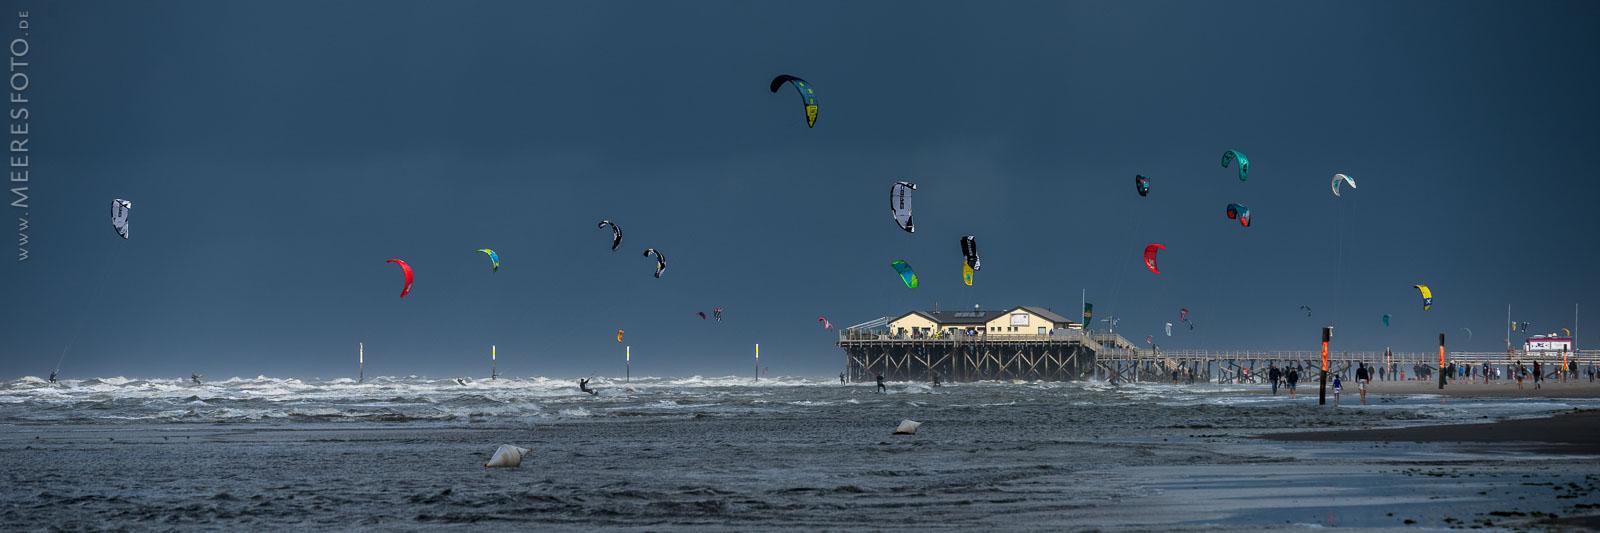 Kiter vor Sturmfront in SPO